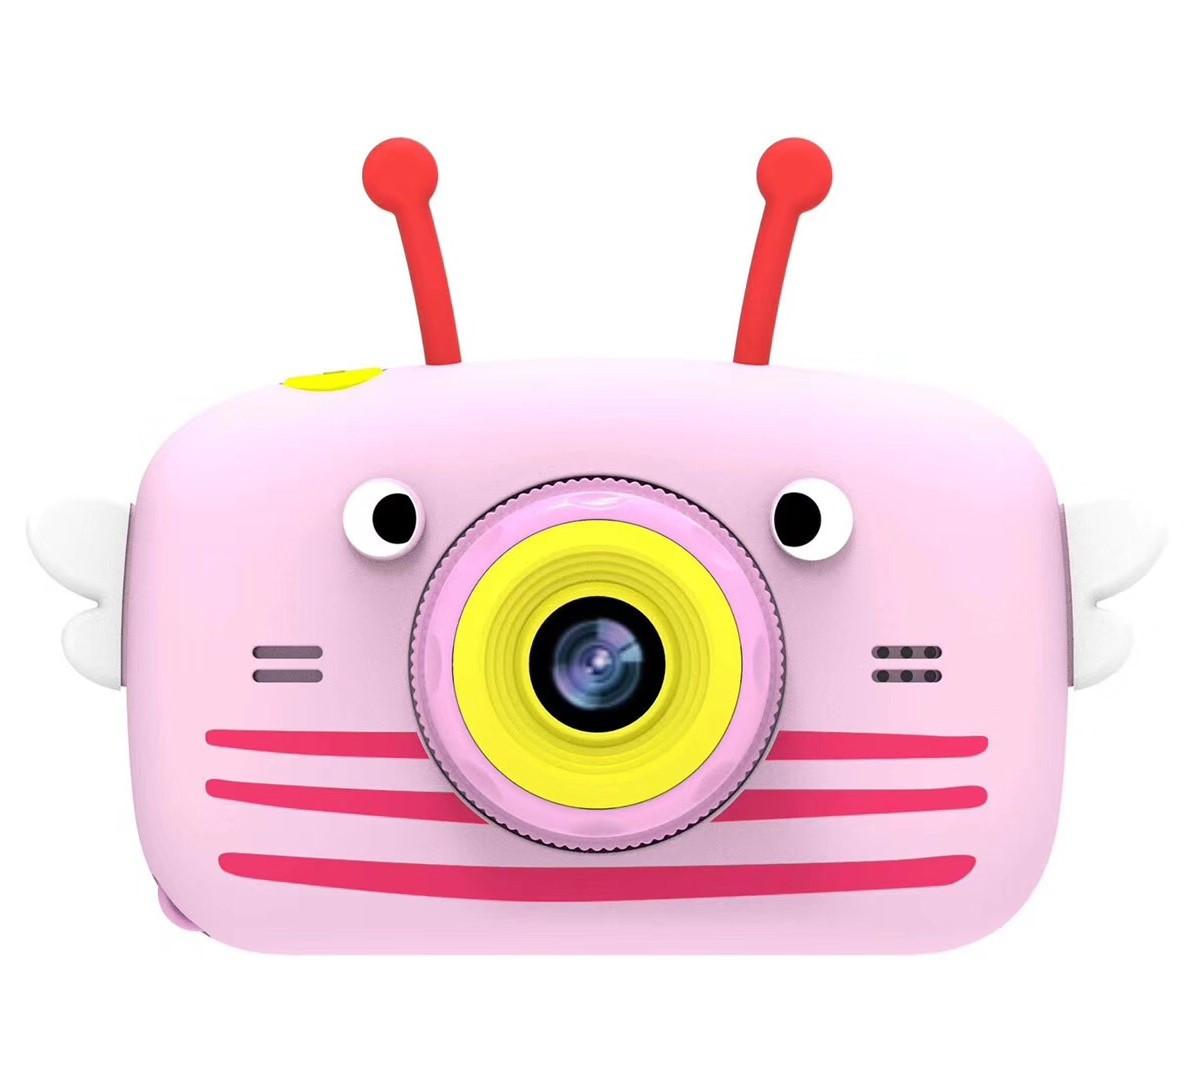 Детский фотоаппарат Easy Smart Kids Cam FN812 с функцией видео и экраном для просмотра (розовый)